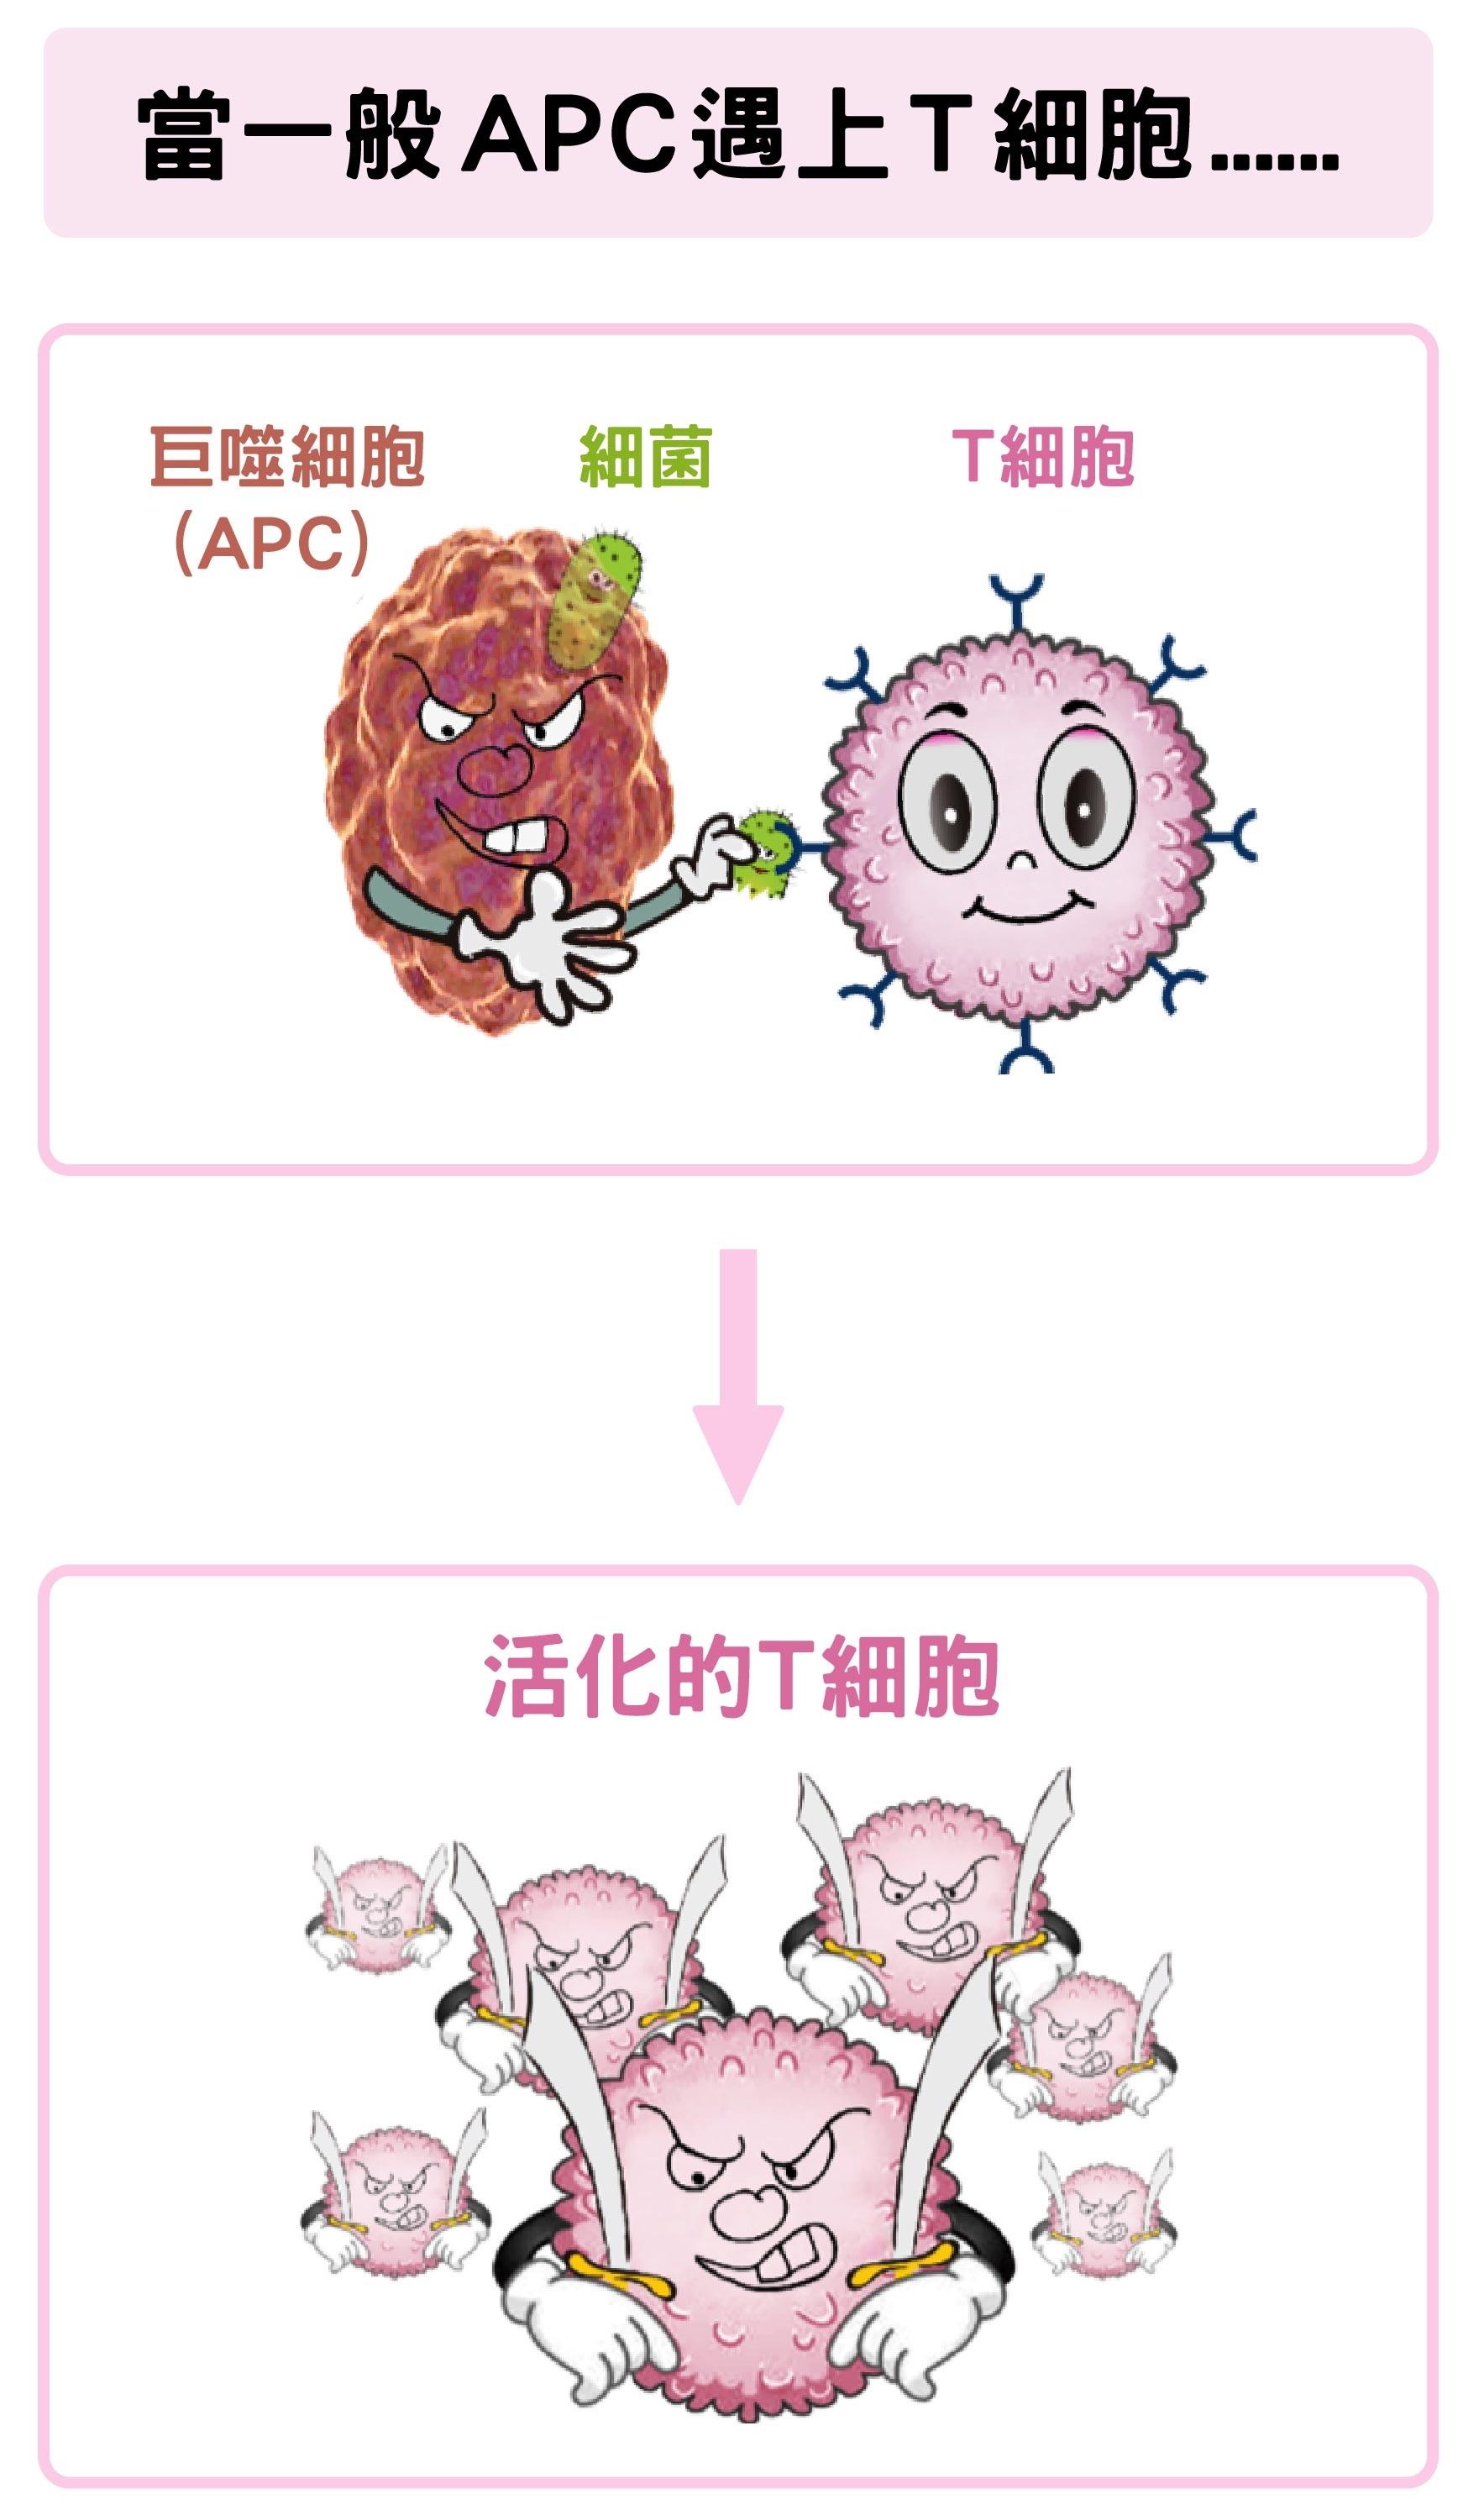 巨噬細胞(APC)吞噬細菌後,可活化T細胞。 資料來源│陶秘華 圖說原作│張峰碧 圖說美化│林洵安